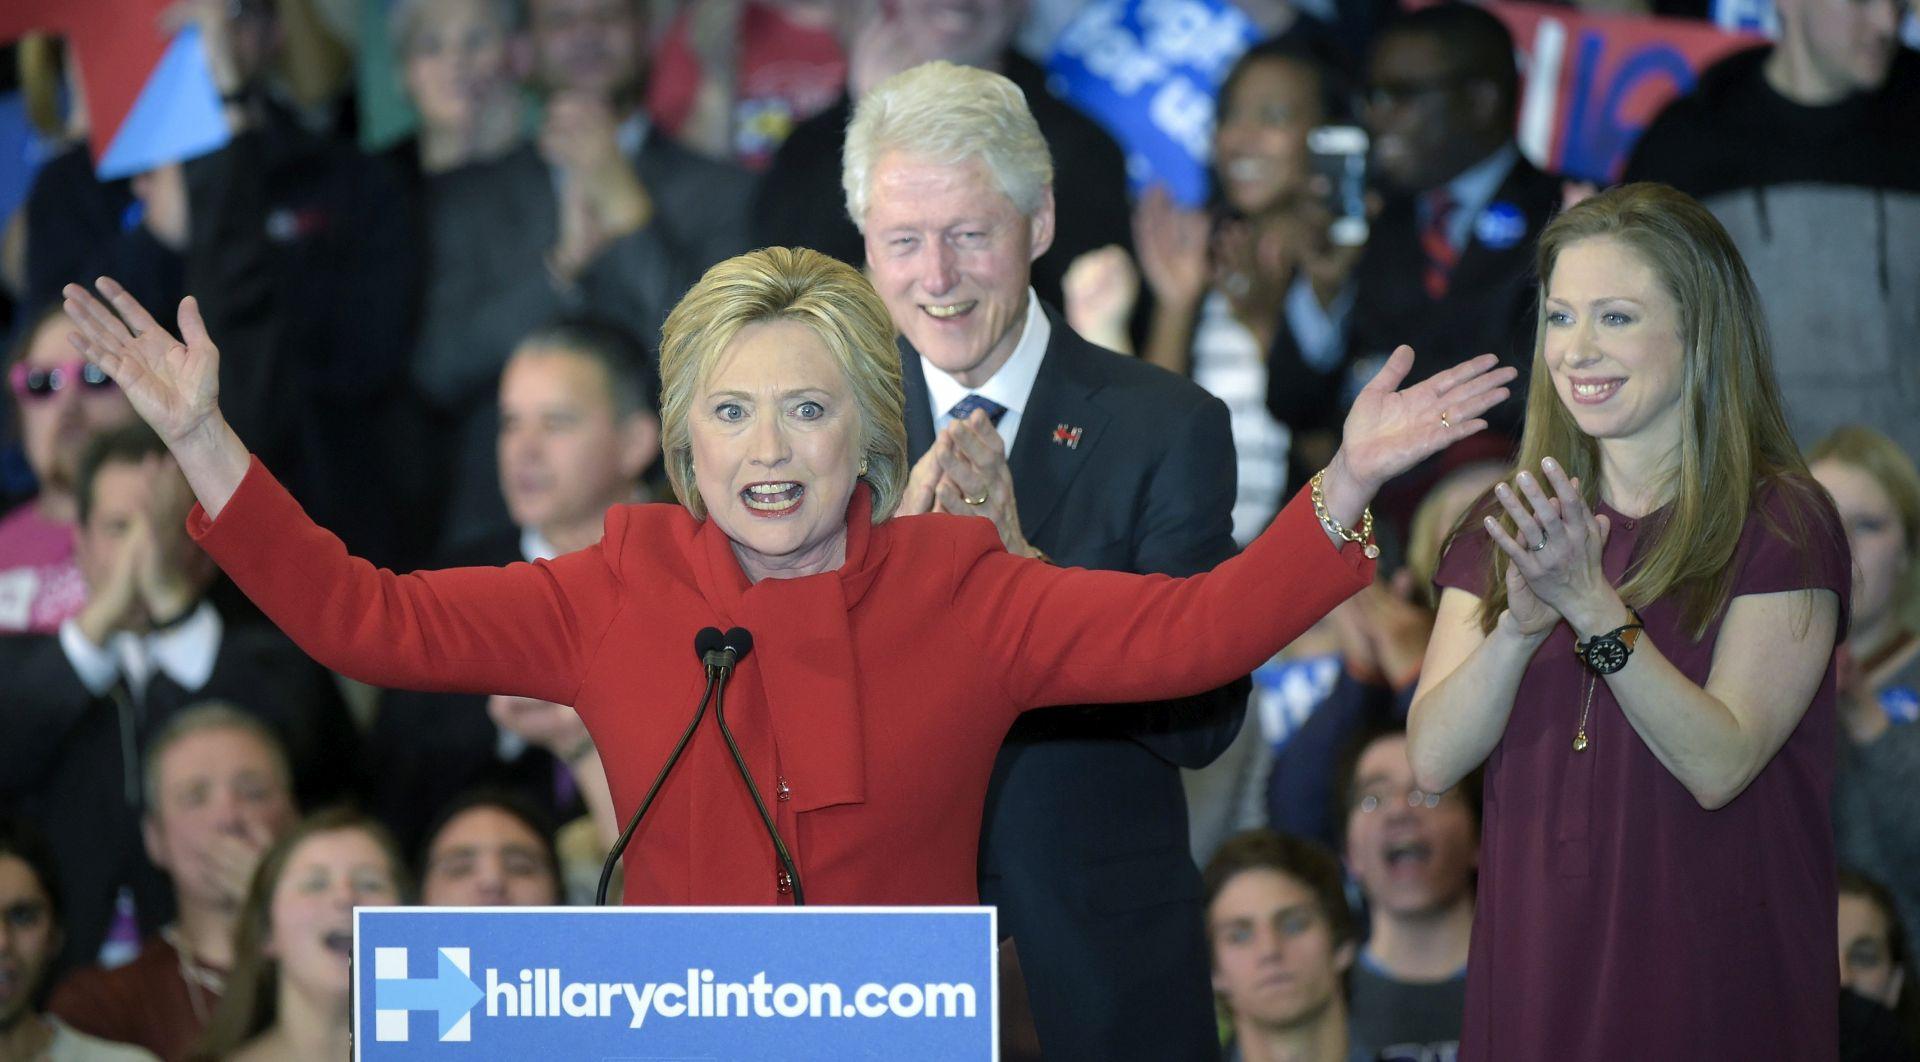 SLUŽBENI PODACI: Hillary Clinton tijesno pobijedila u Iovi